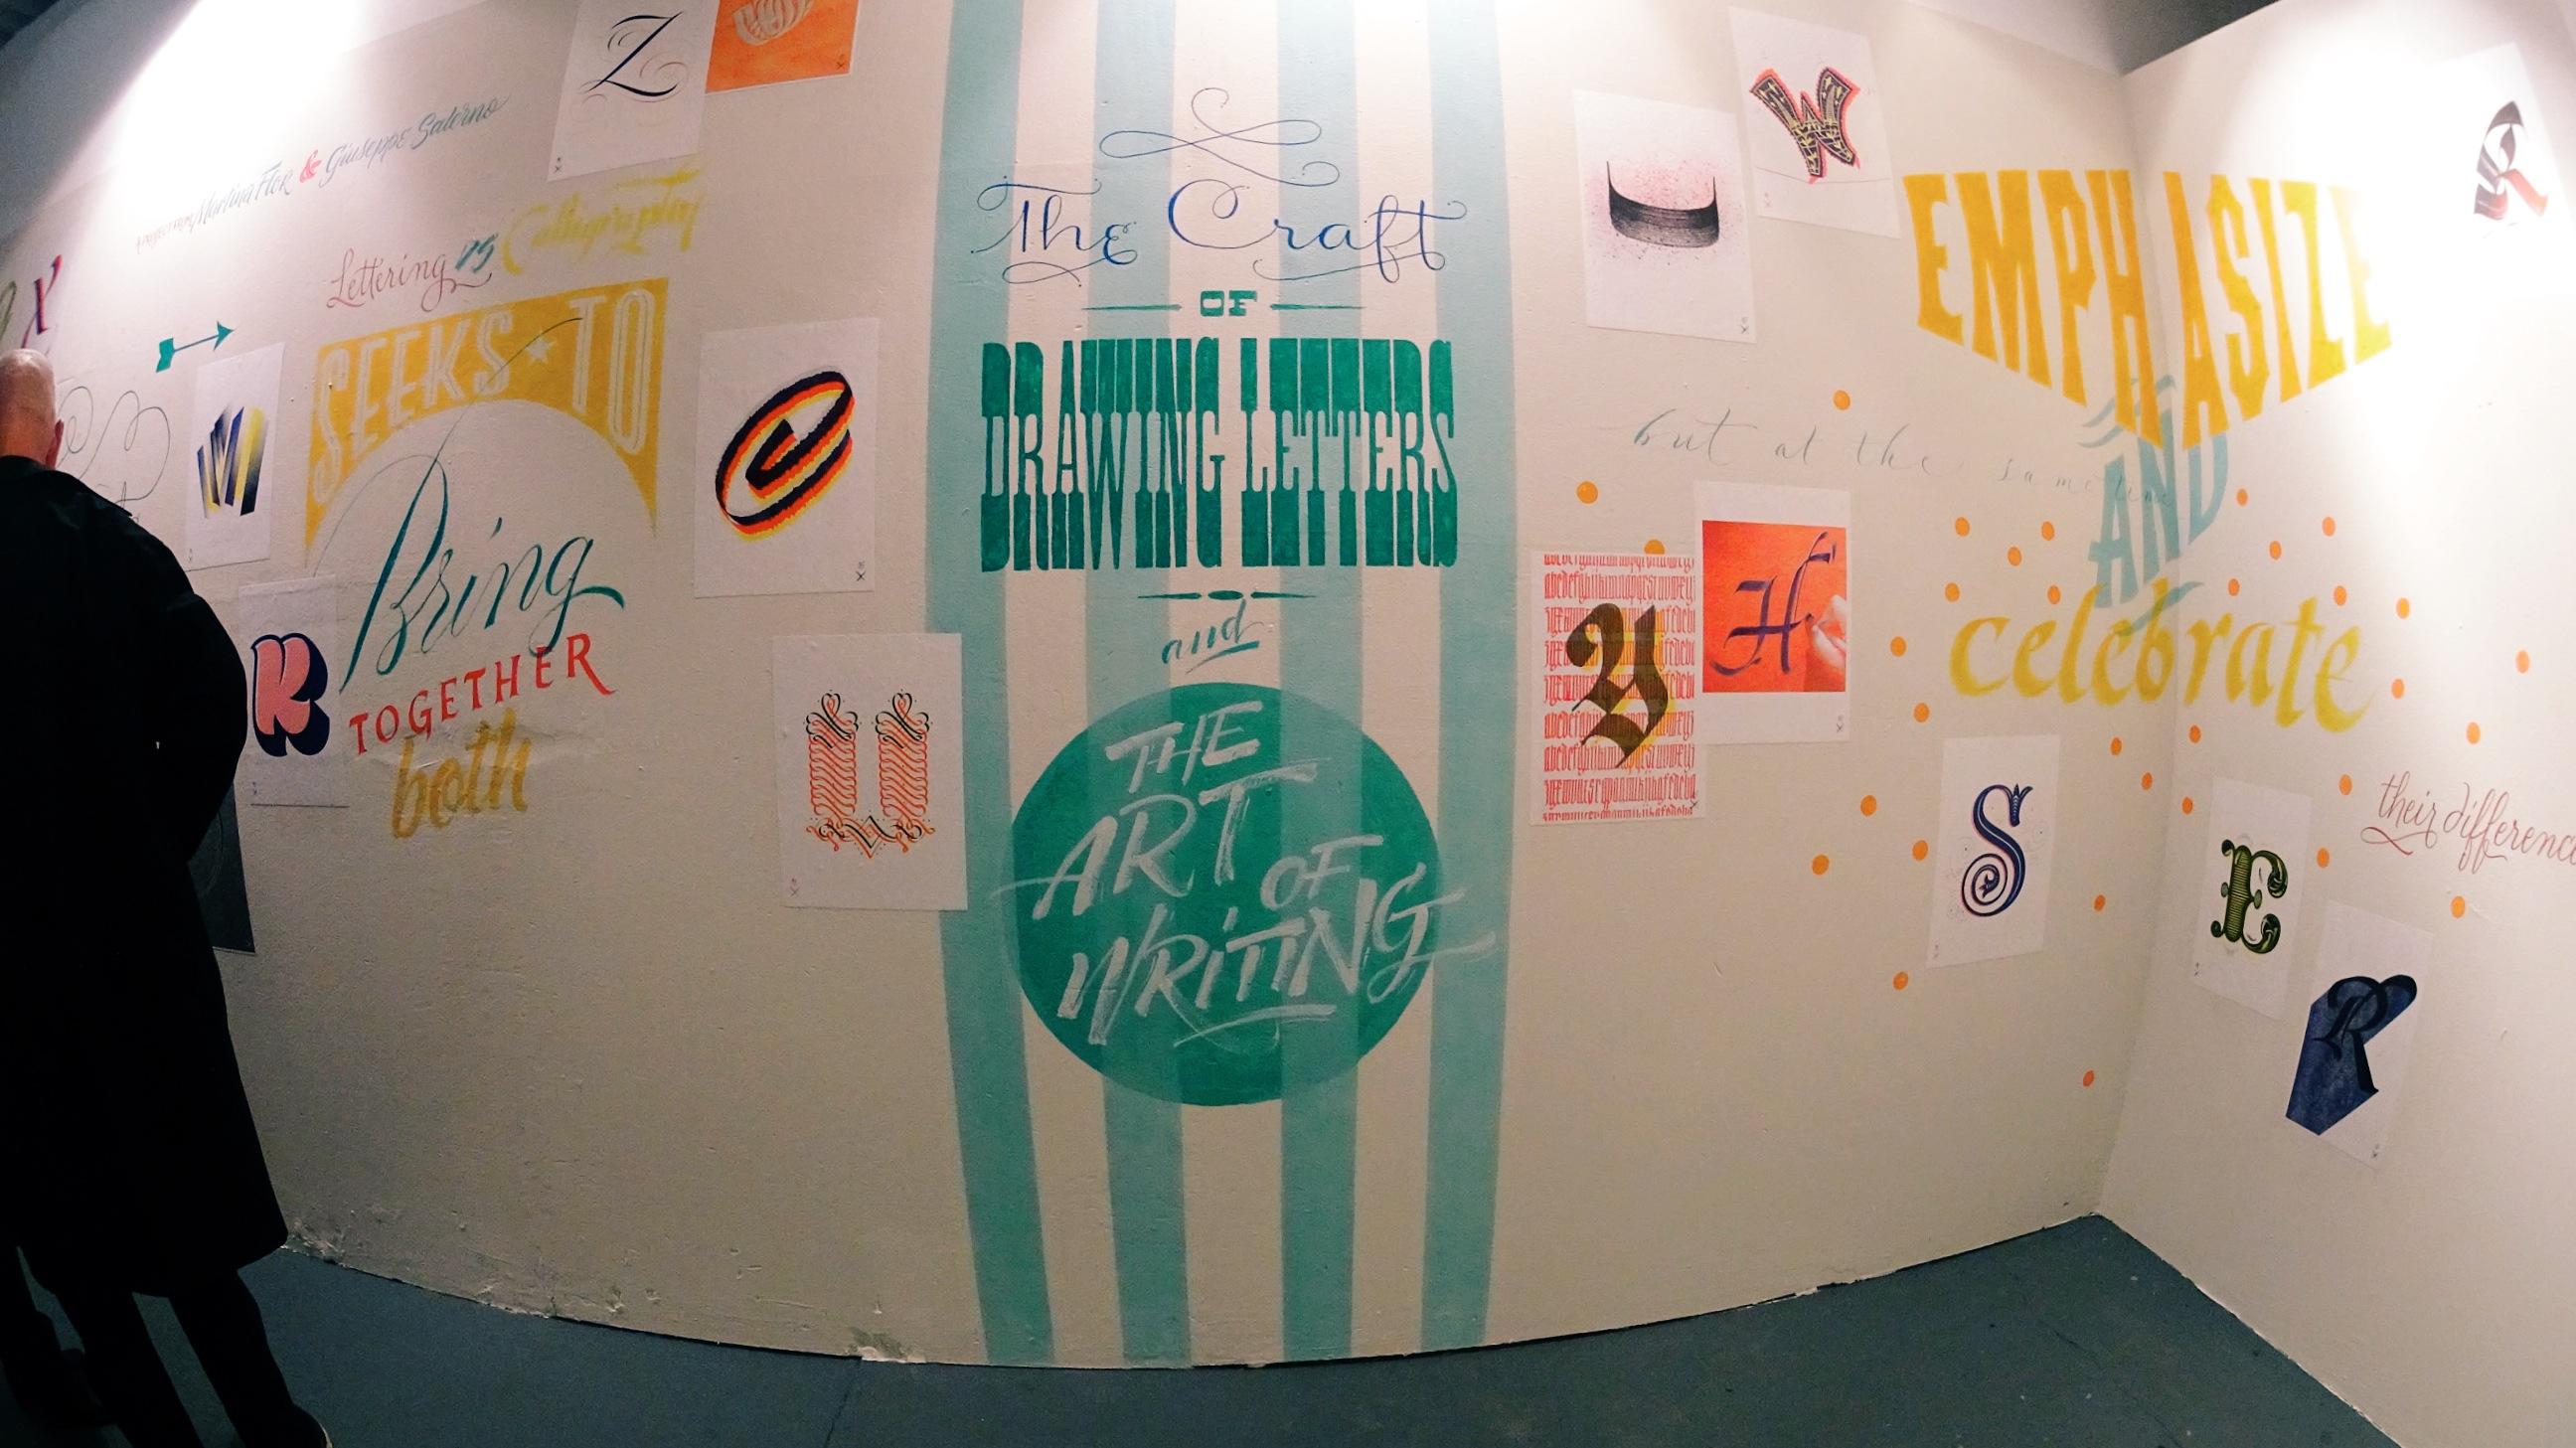 Com o lançamento do blog Lettering versus Calligraphy, a Martina Flor e o Giuseppe Salerno se tornaram famosos no mundo da tipografia. No blog, eles batalham tipograficamente e mostram todas as diferenças e semelhanças que existem entre as letras desenhadas e aquelas escritas artisticamente. Eu estive na abertura da exposição On the Wall - Lettering versus Calligraphy aqui em Berlin e tirei fotos de tudo que vi lá.